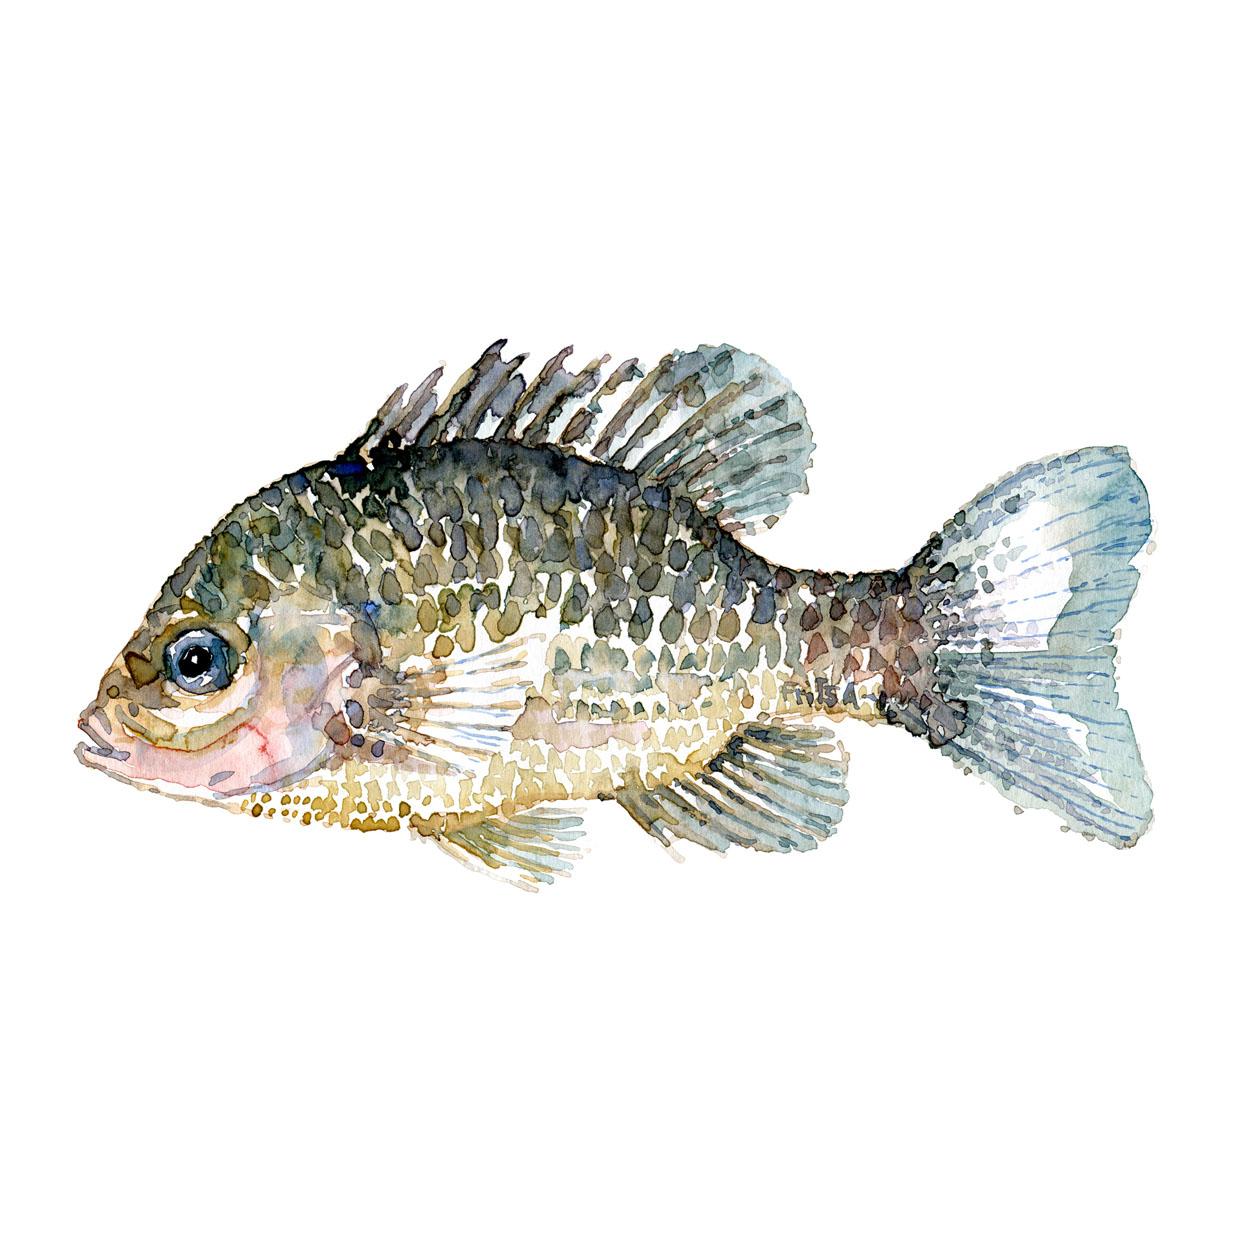 Solaborre Ferskvandsfisk og biodiversitet i Danmark Akvarel af Frits Ahlefeldt